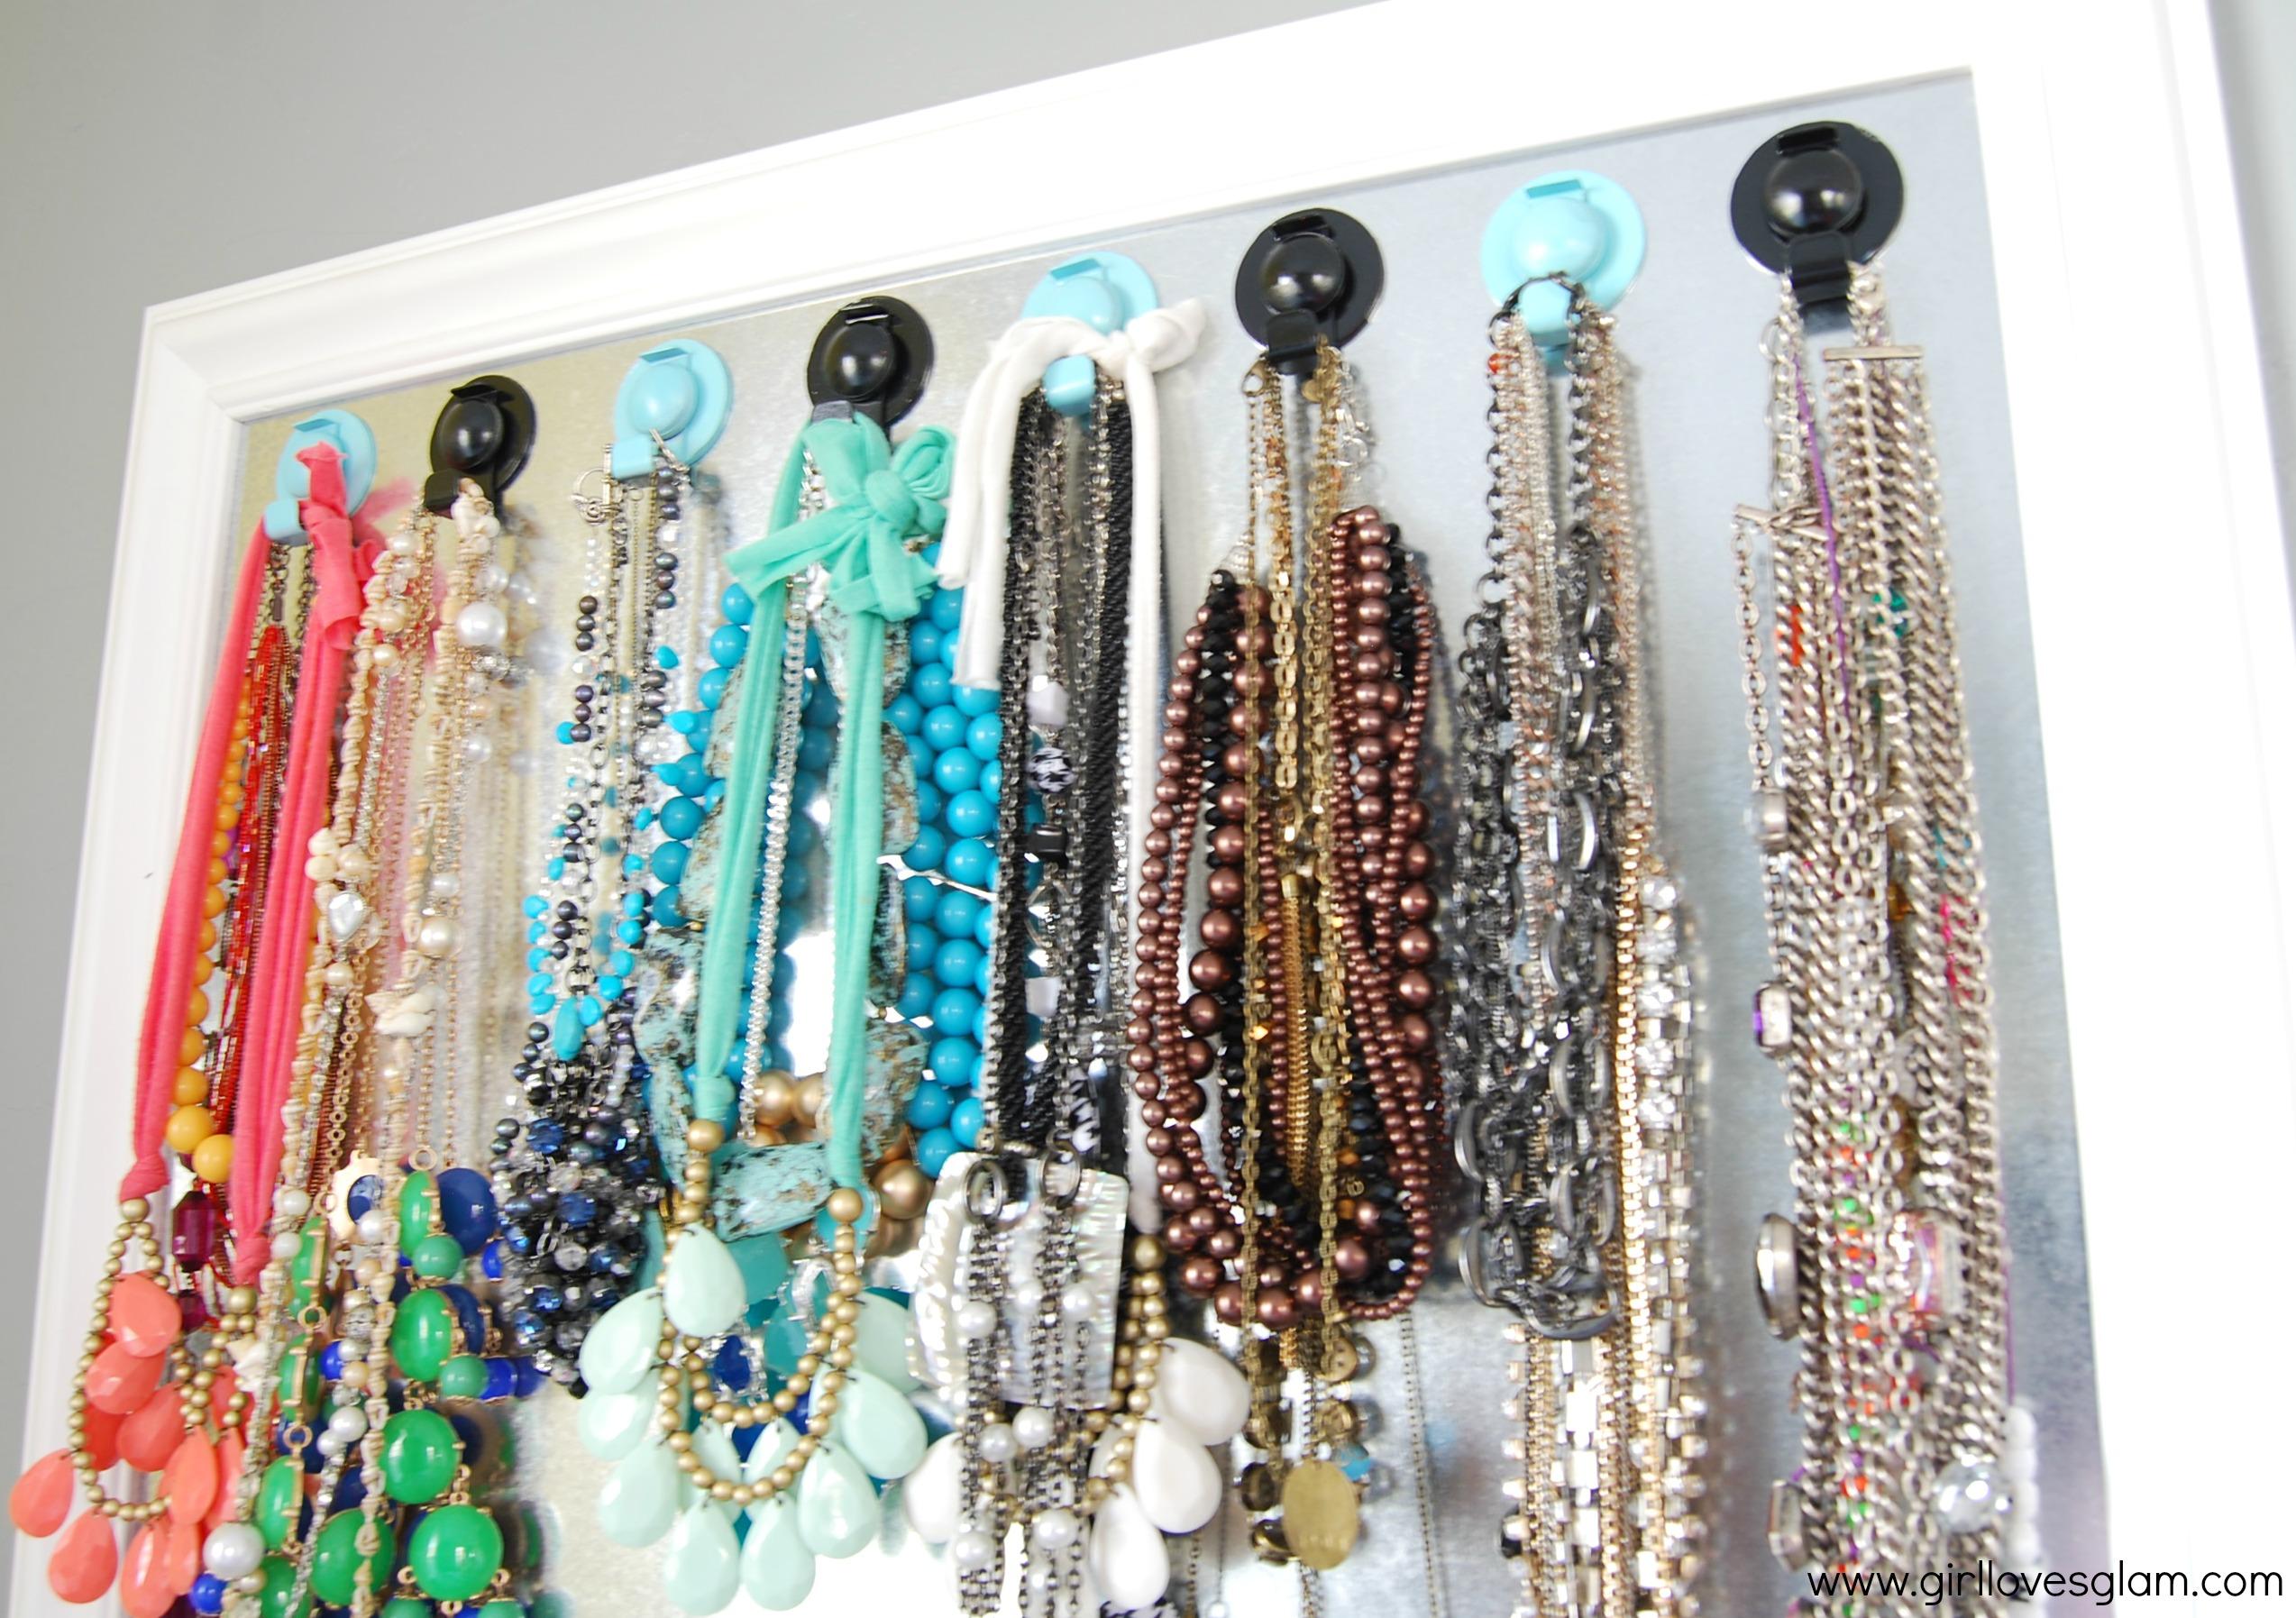 Necklace hanger organizer